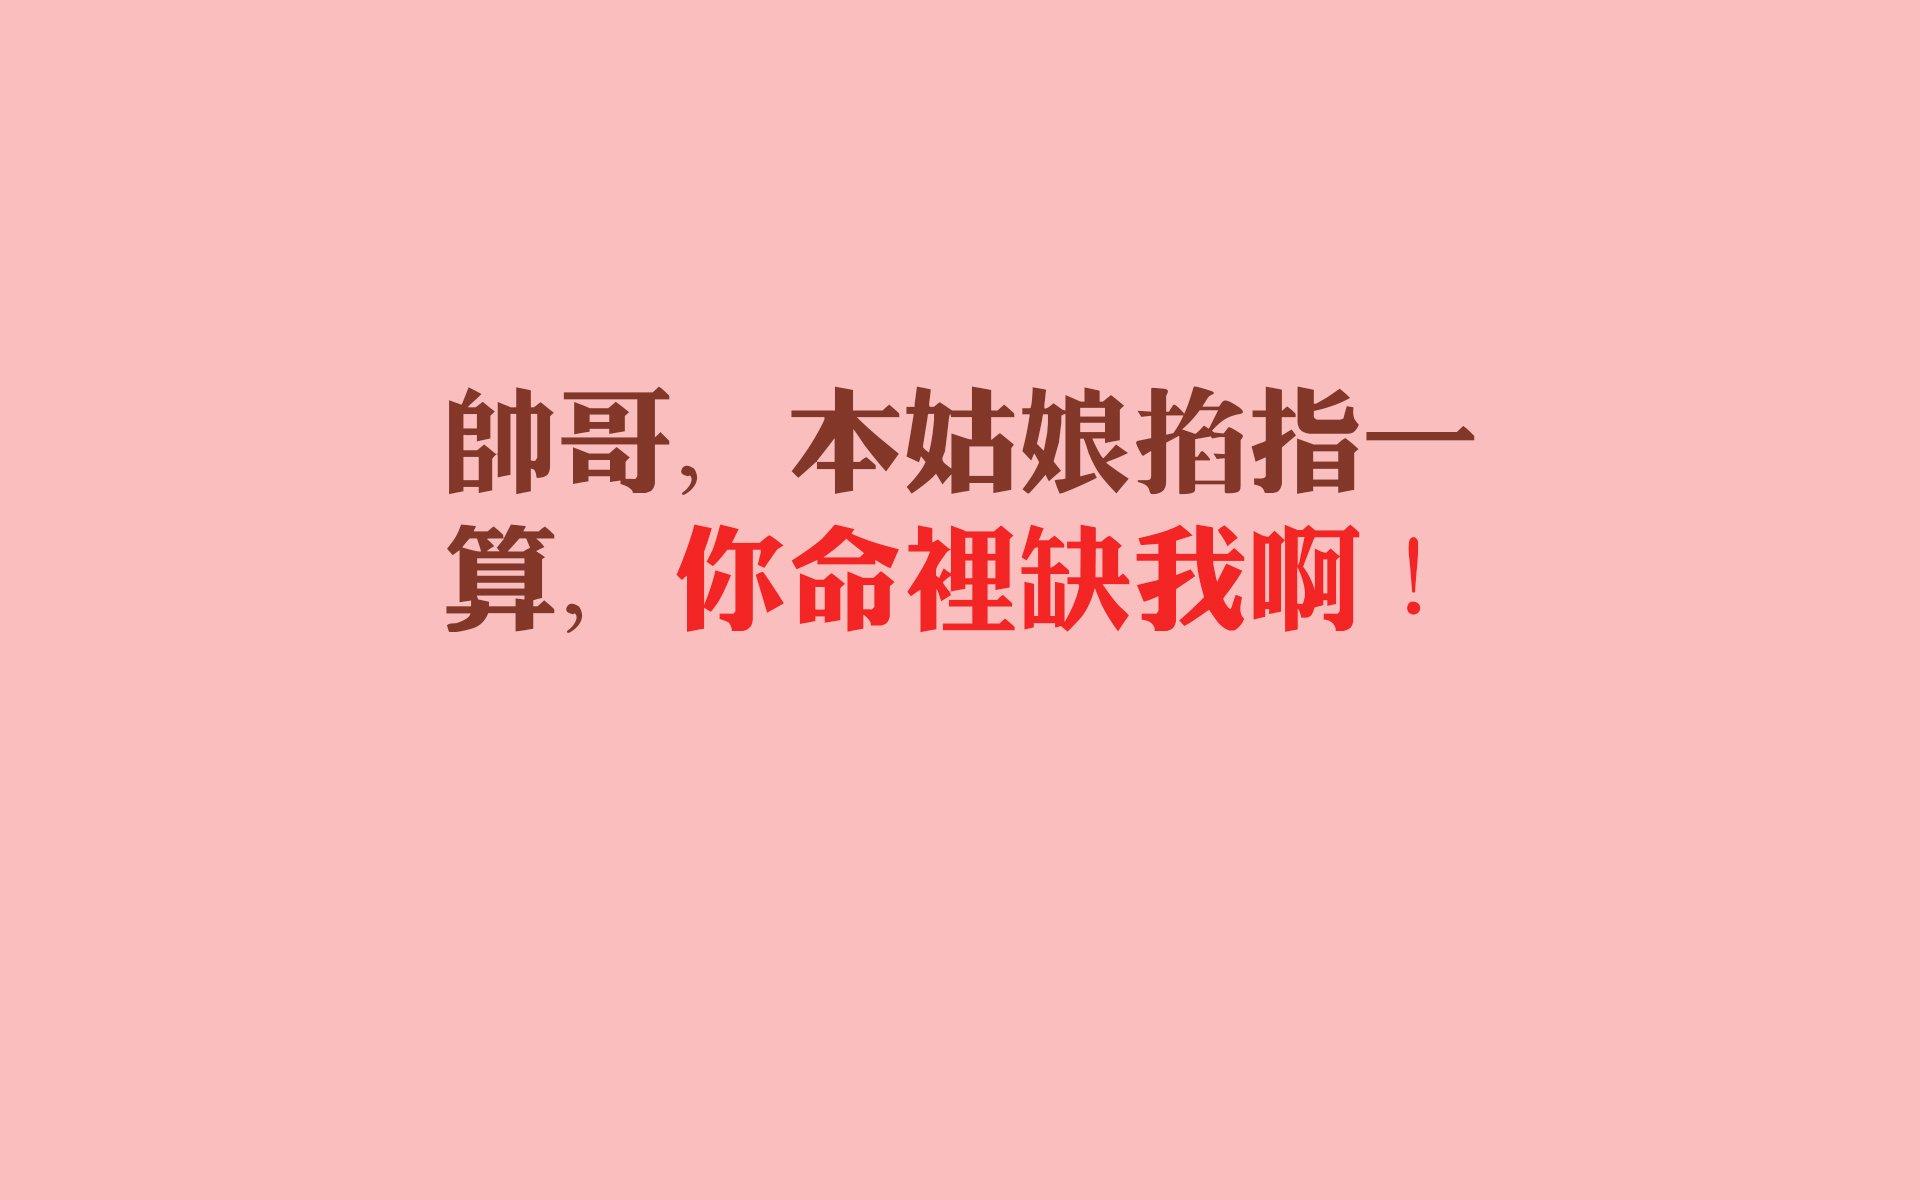 中粮名庄荟营销方案,开一家糖果店,有什么好的营销手段插图